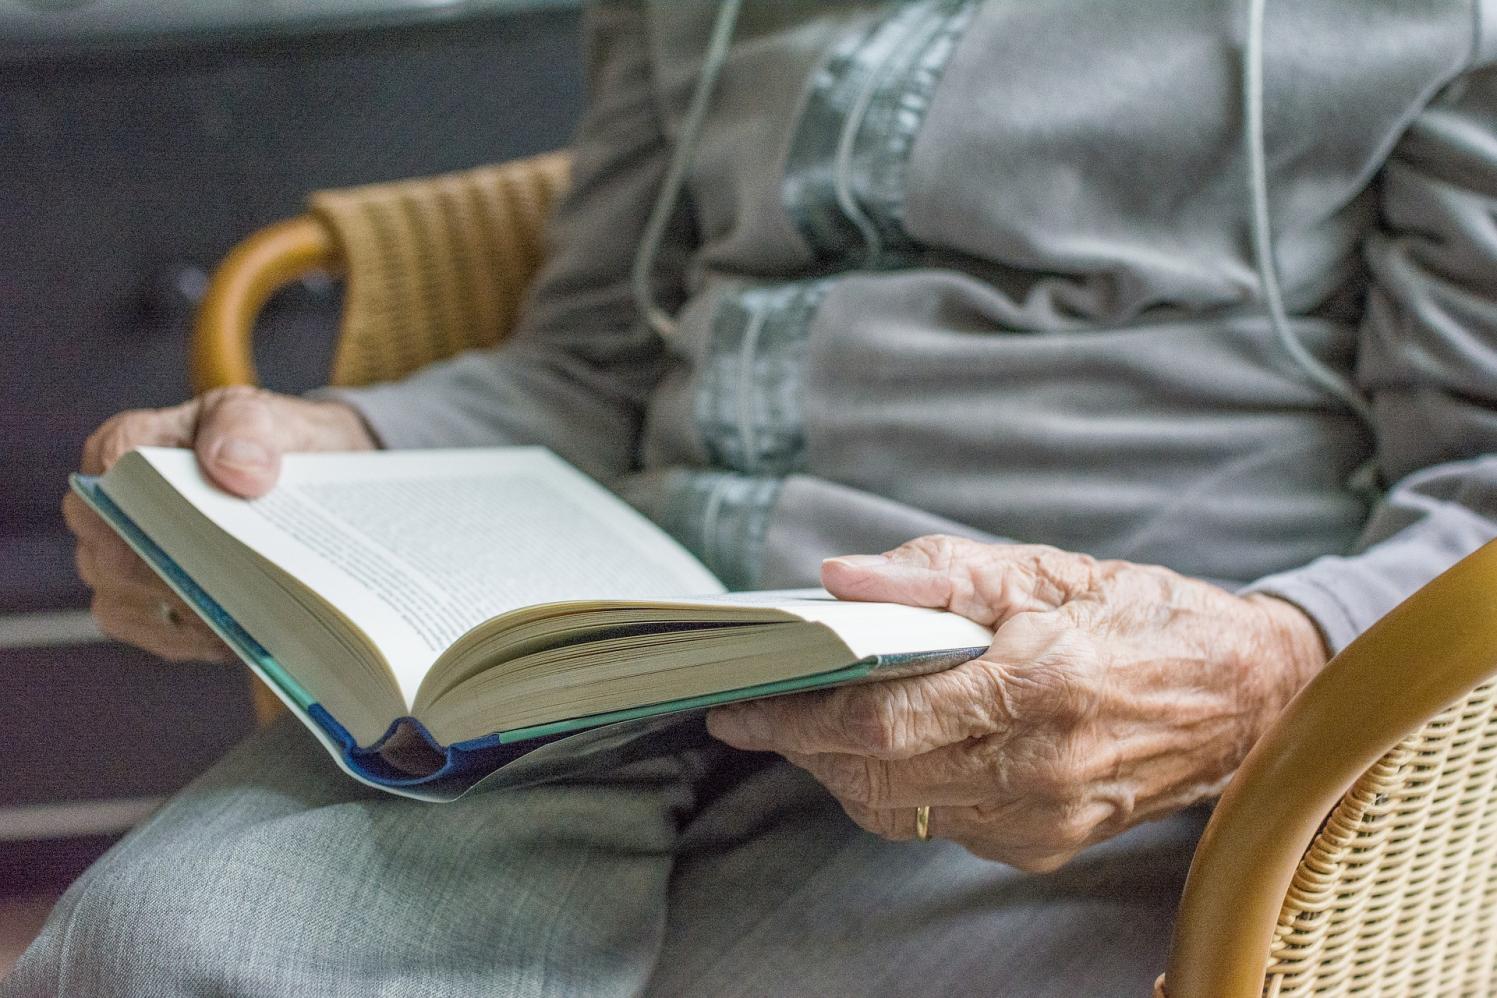 Curso de inglês em Limeira para pessoas a partir de 60 anos tem inscrições abertas